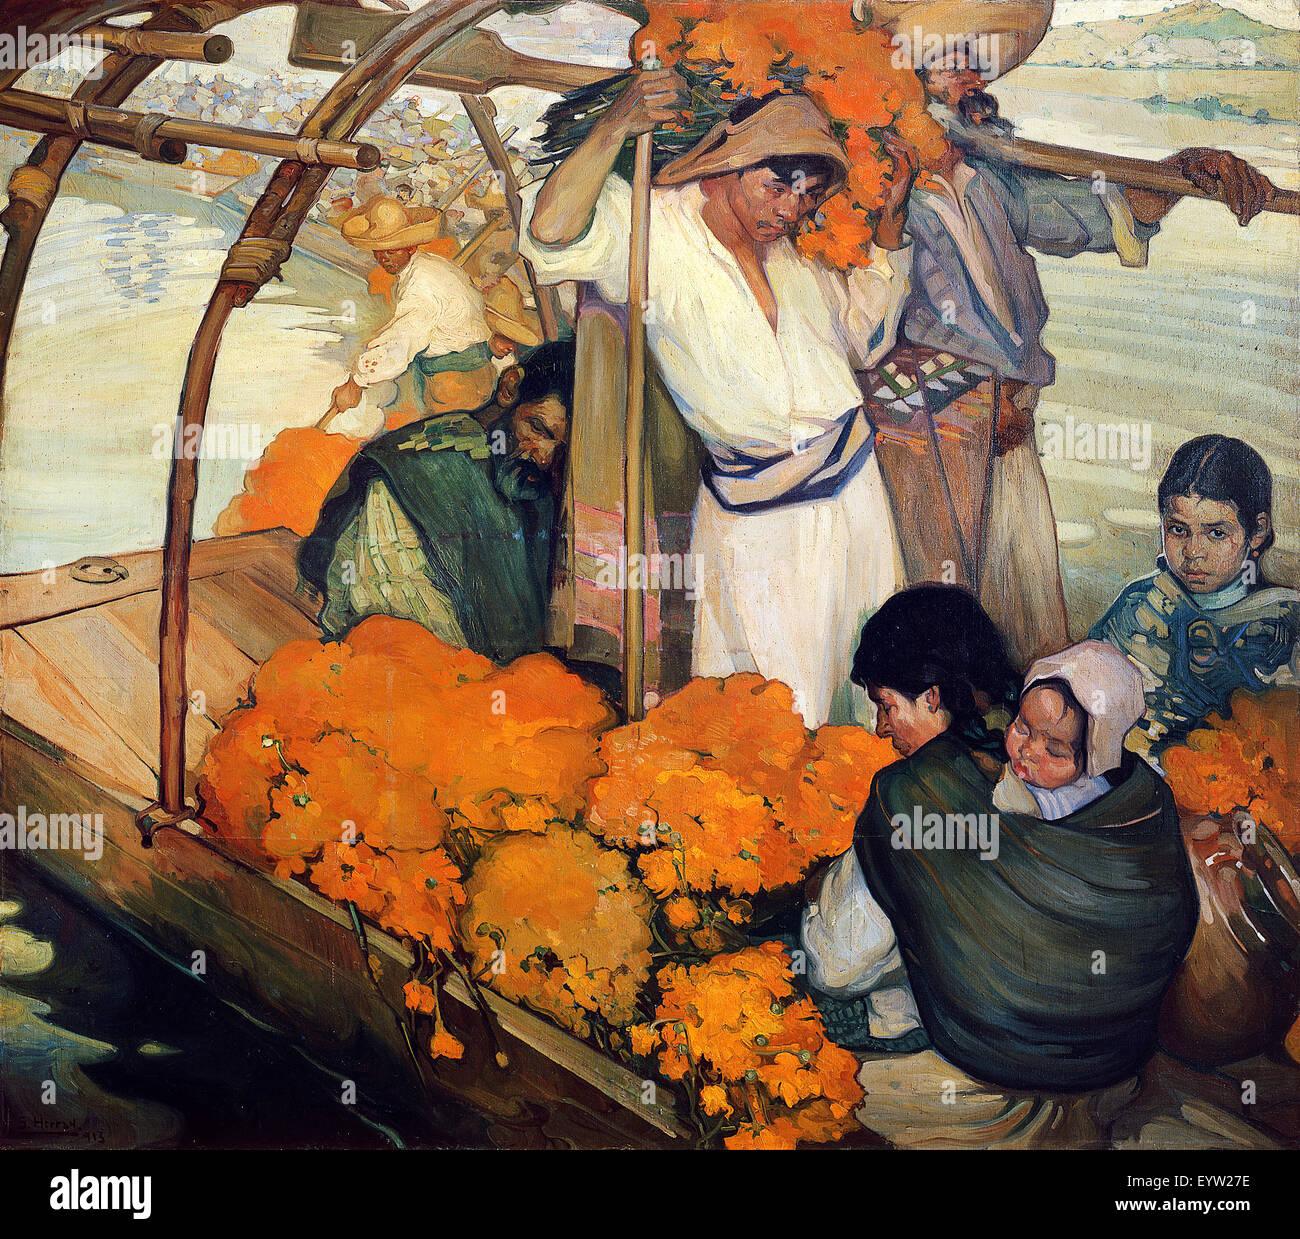 Saturnino Herran, l'offerta 1913 olio su tela. Museo Nacional de Arte, Città del Messico. Immagini Stock